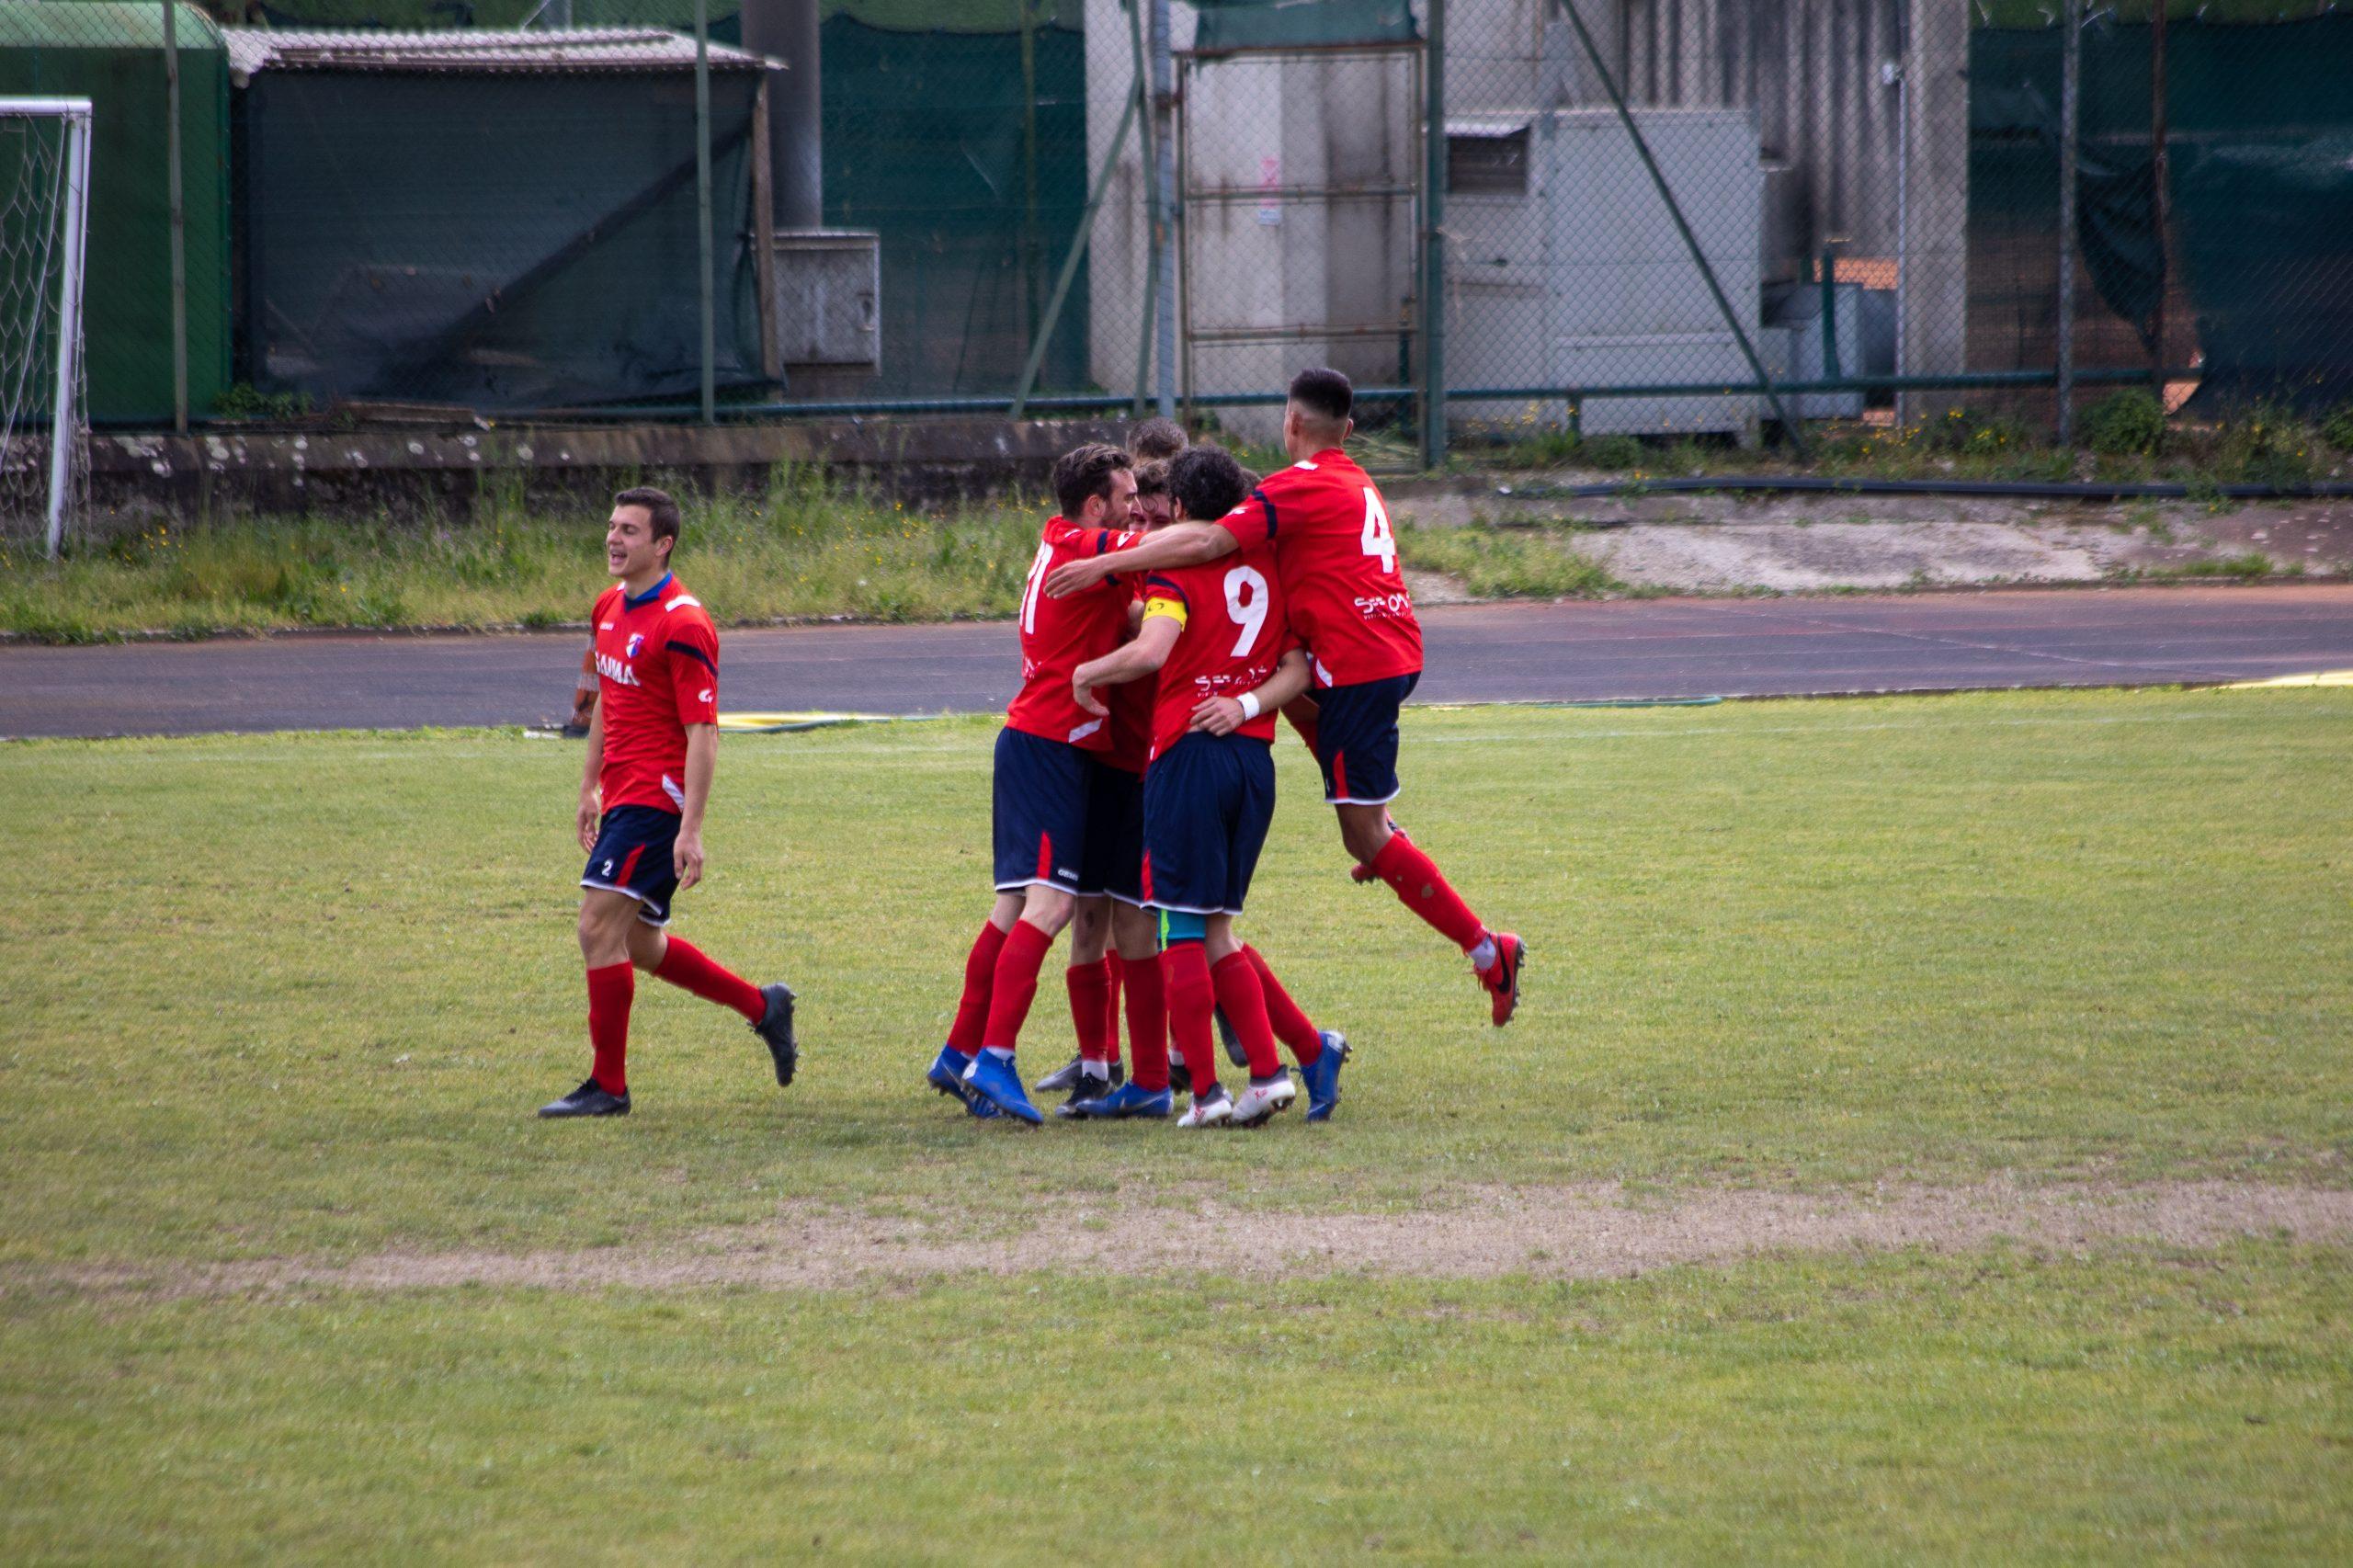 Fotogallery e Video / Eccellenza, l'Antella ri-esordisce in campionato: due gol, due rossi…un buon pari!